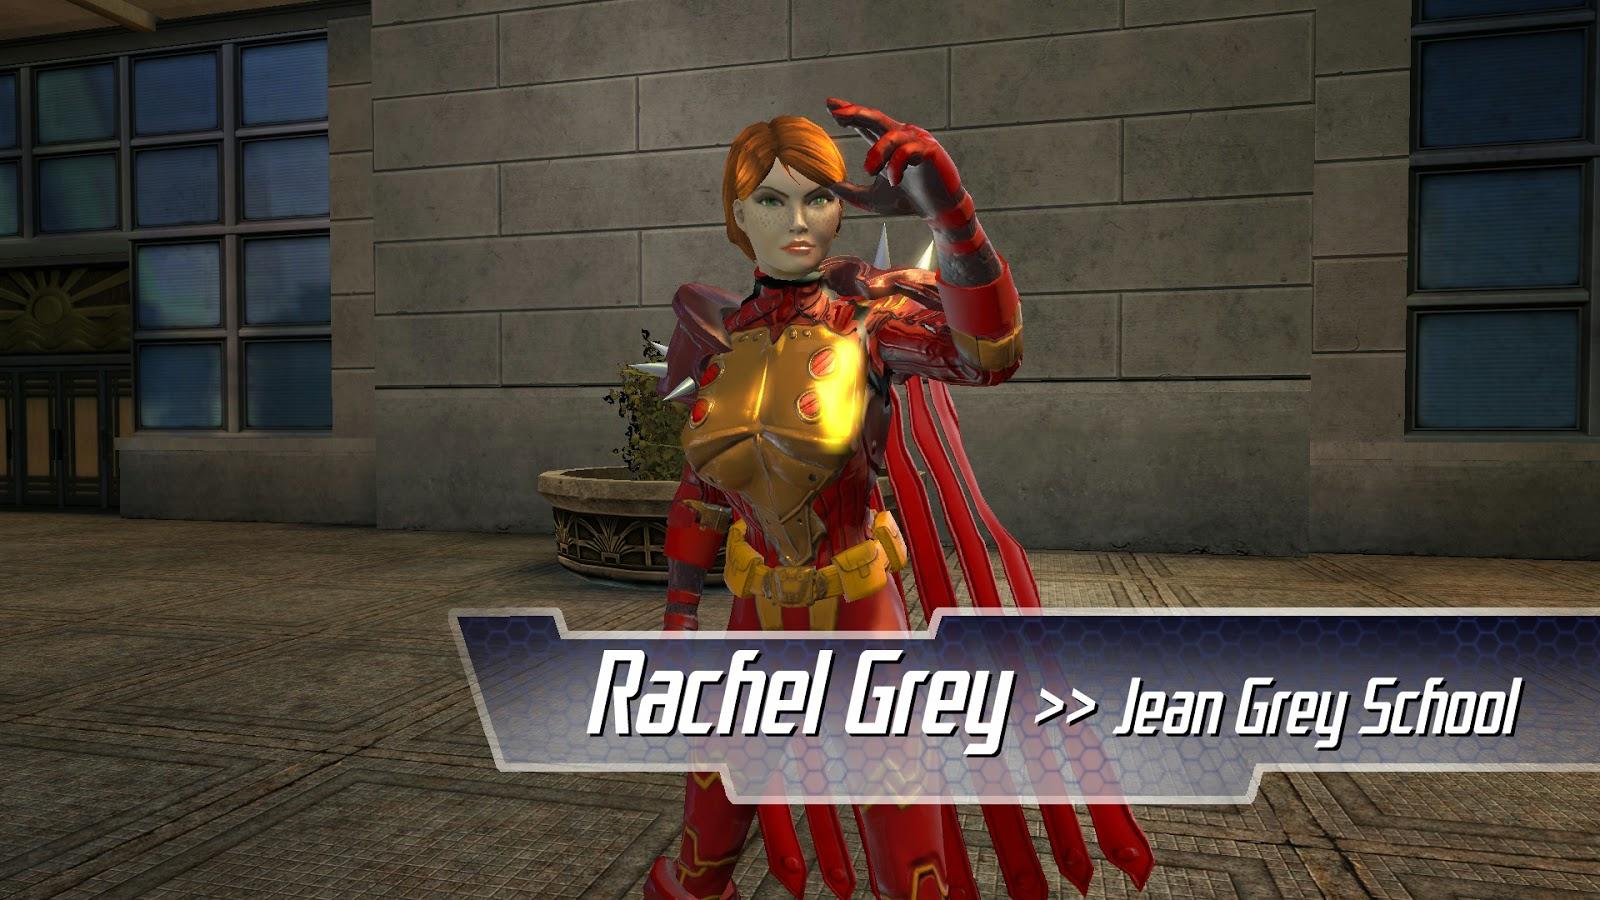 Marvel Universe Online Rachel Grey Jean Grey School